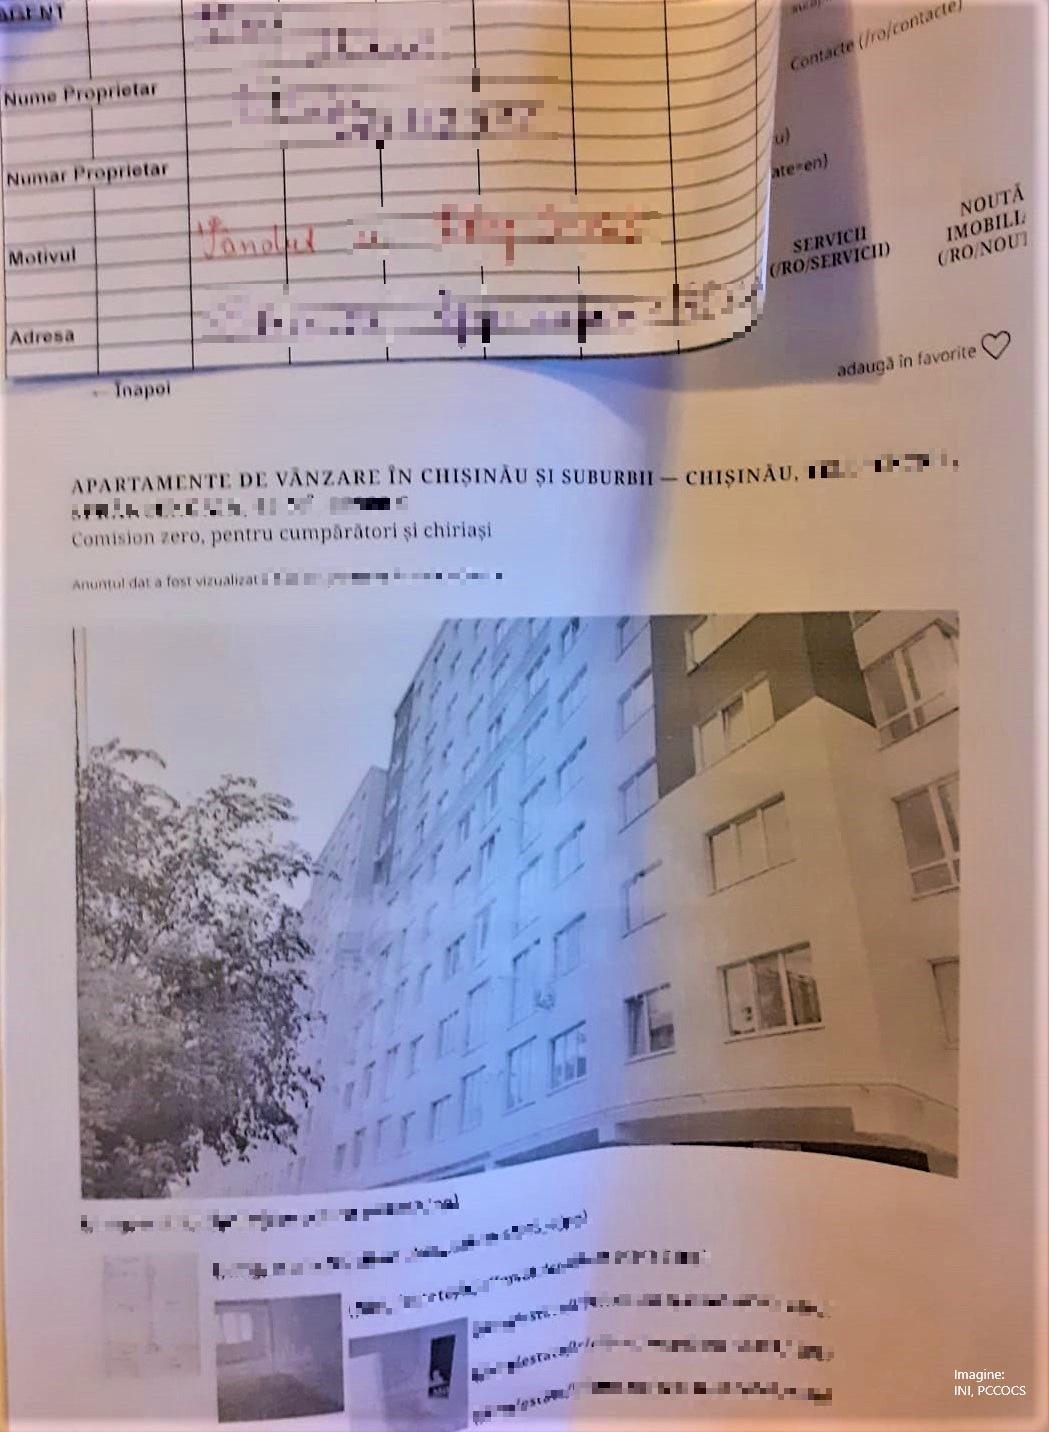 ВКишиневе вофисе компании Class Imobil проходит обыск